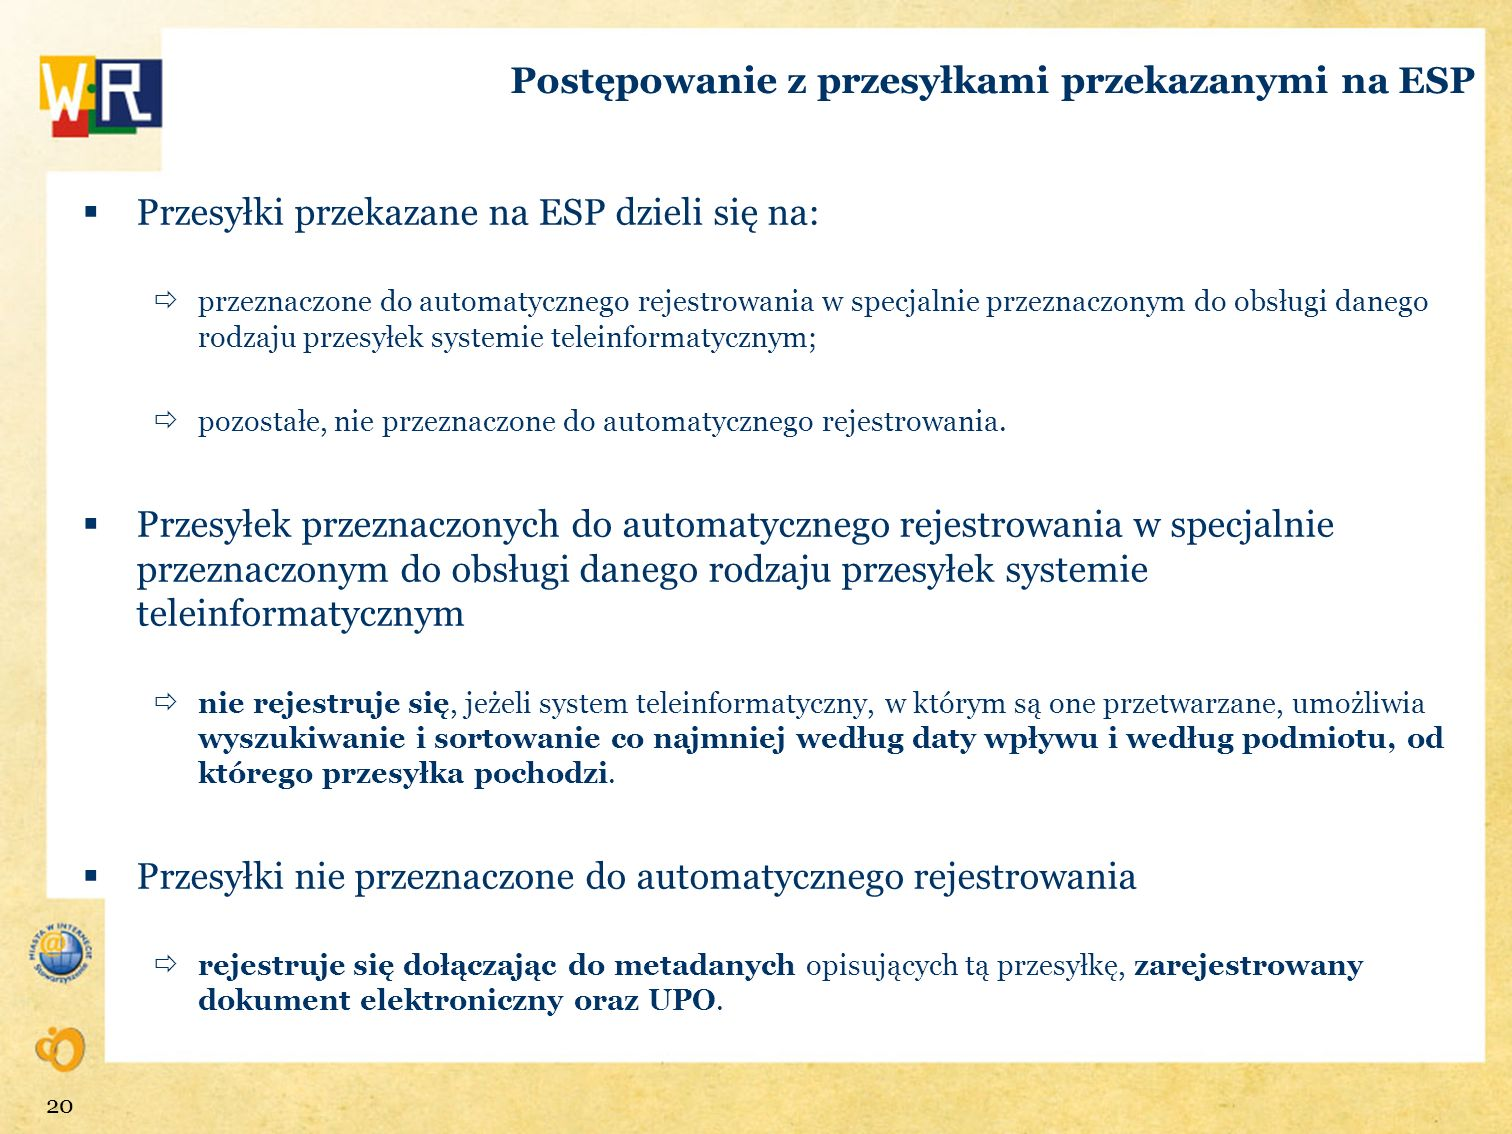 Postępowanie z przesyłkami przekazanymi na ESP